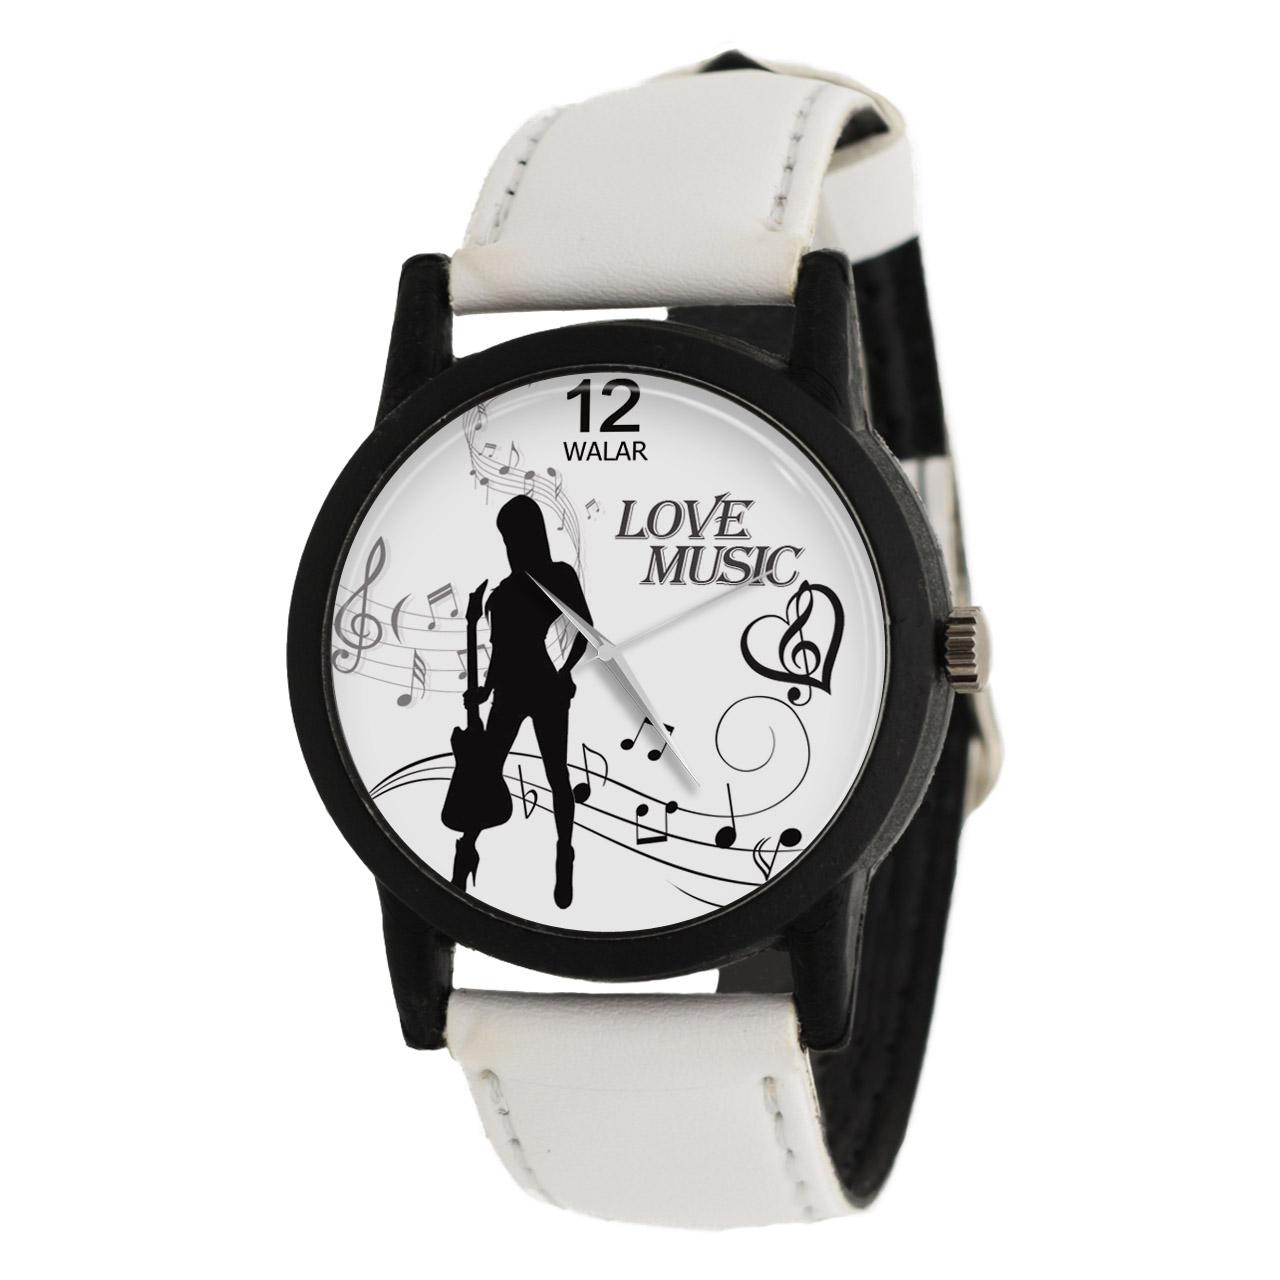 ساعت مچی عقربه ای زنانه والار طرح موسیقی مدل LF1460